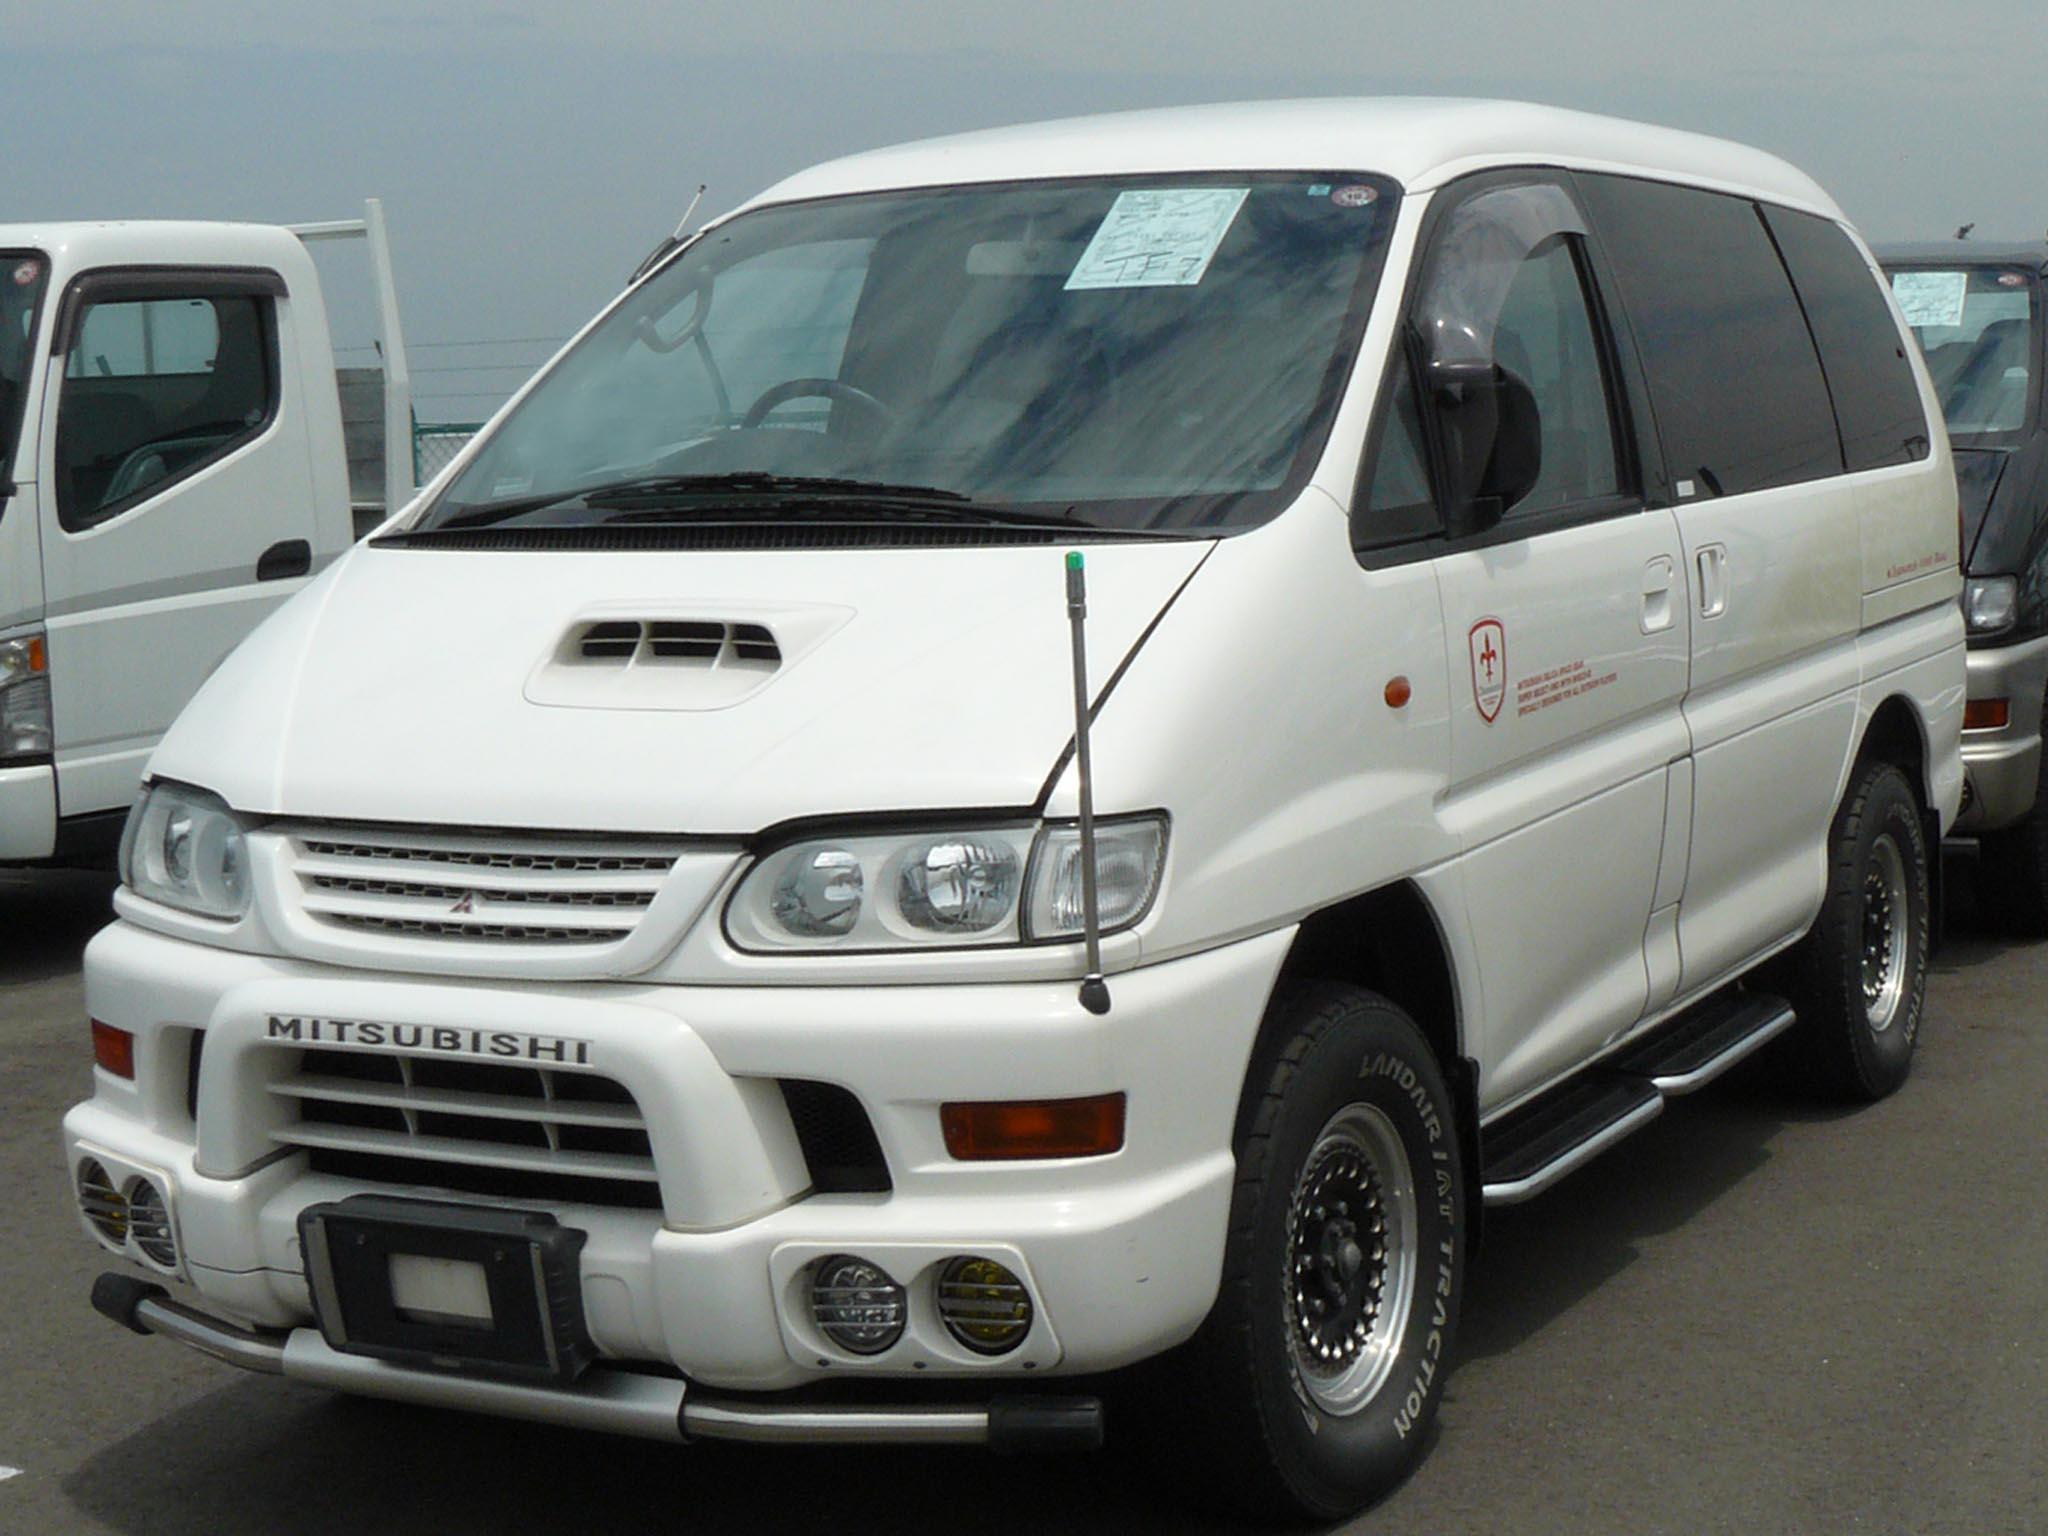 MITSUBISHI DELICA 4WD brown